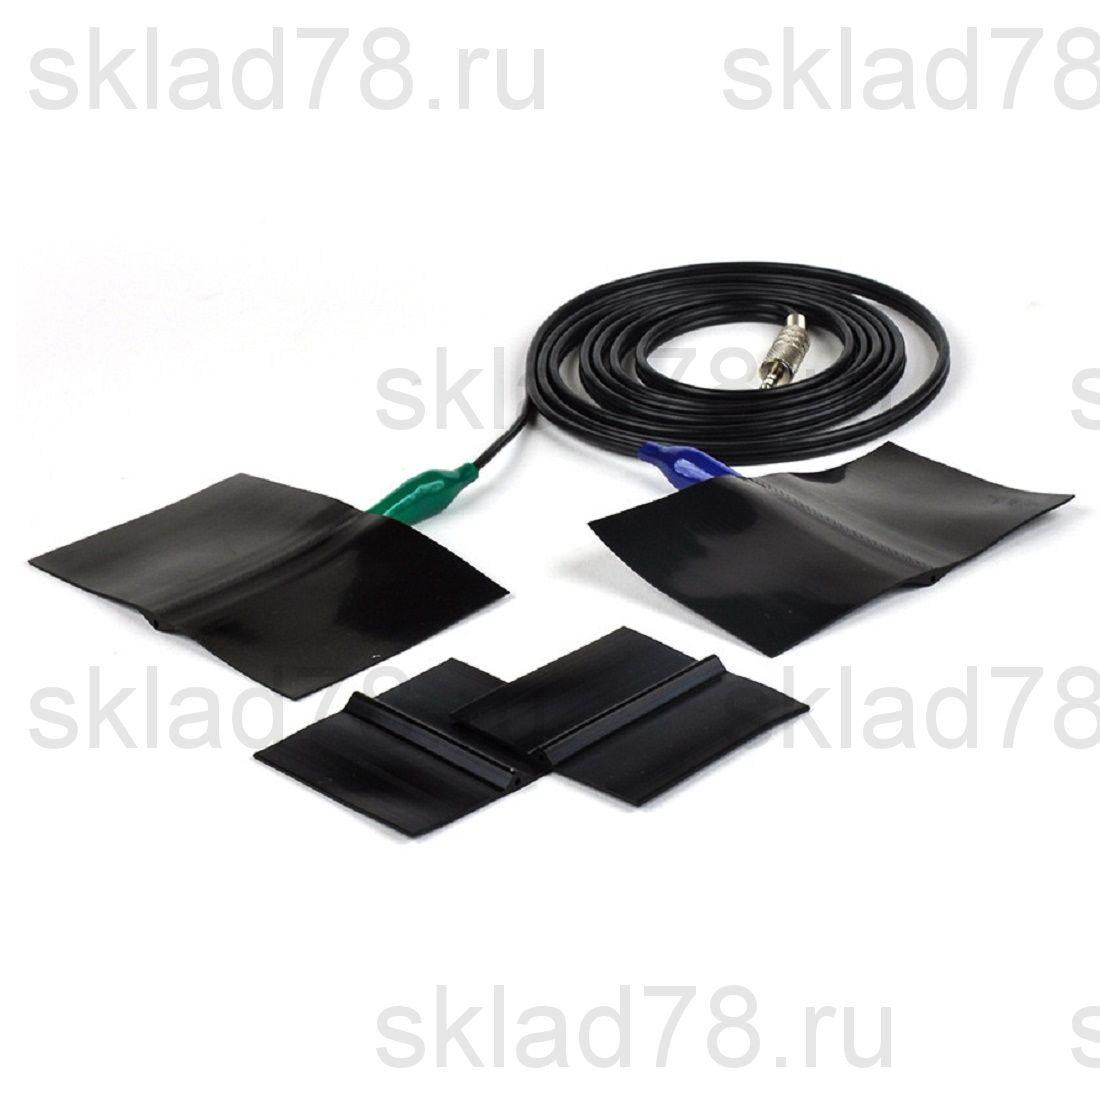 Электрод для тела 100 х 60 мм.